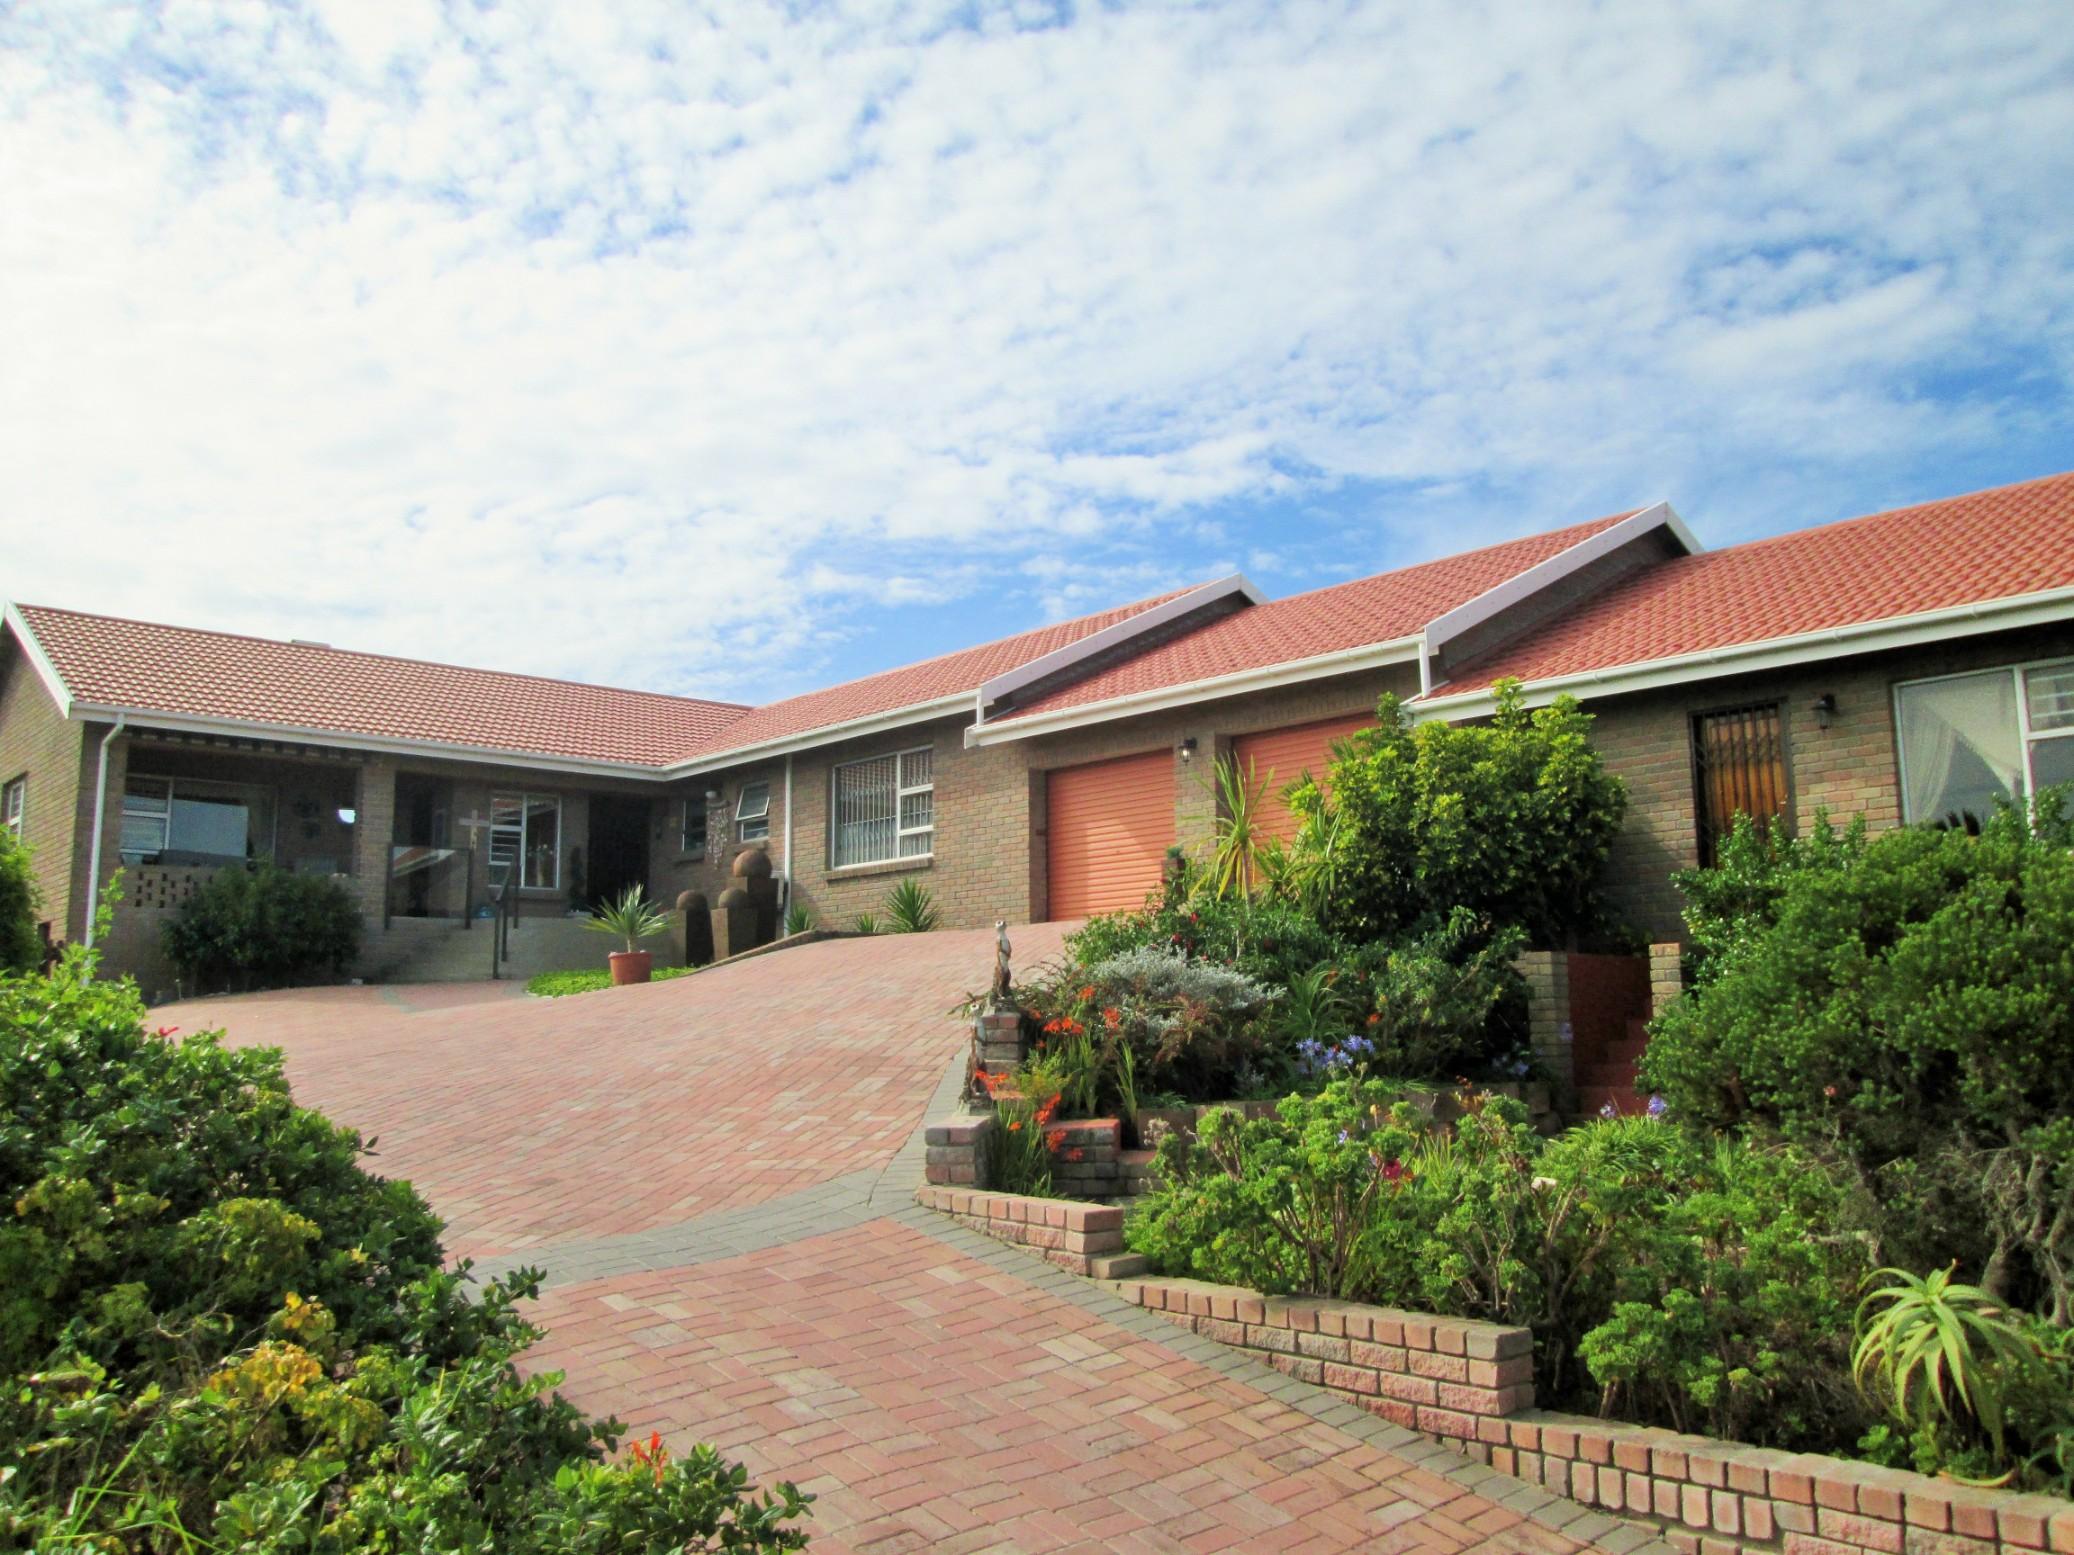 4 BedroomHouse For Sale In Dana Bay